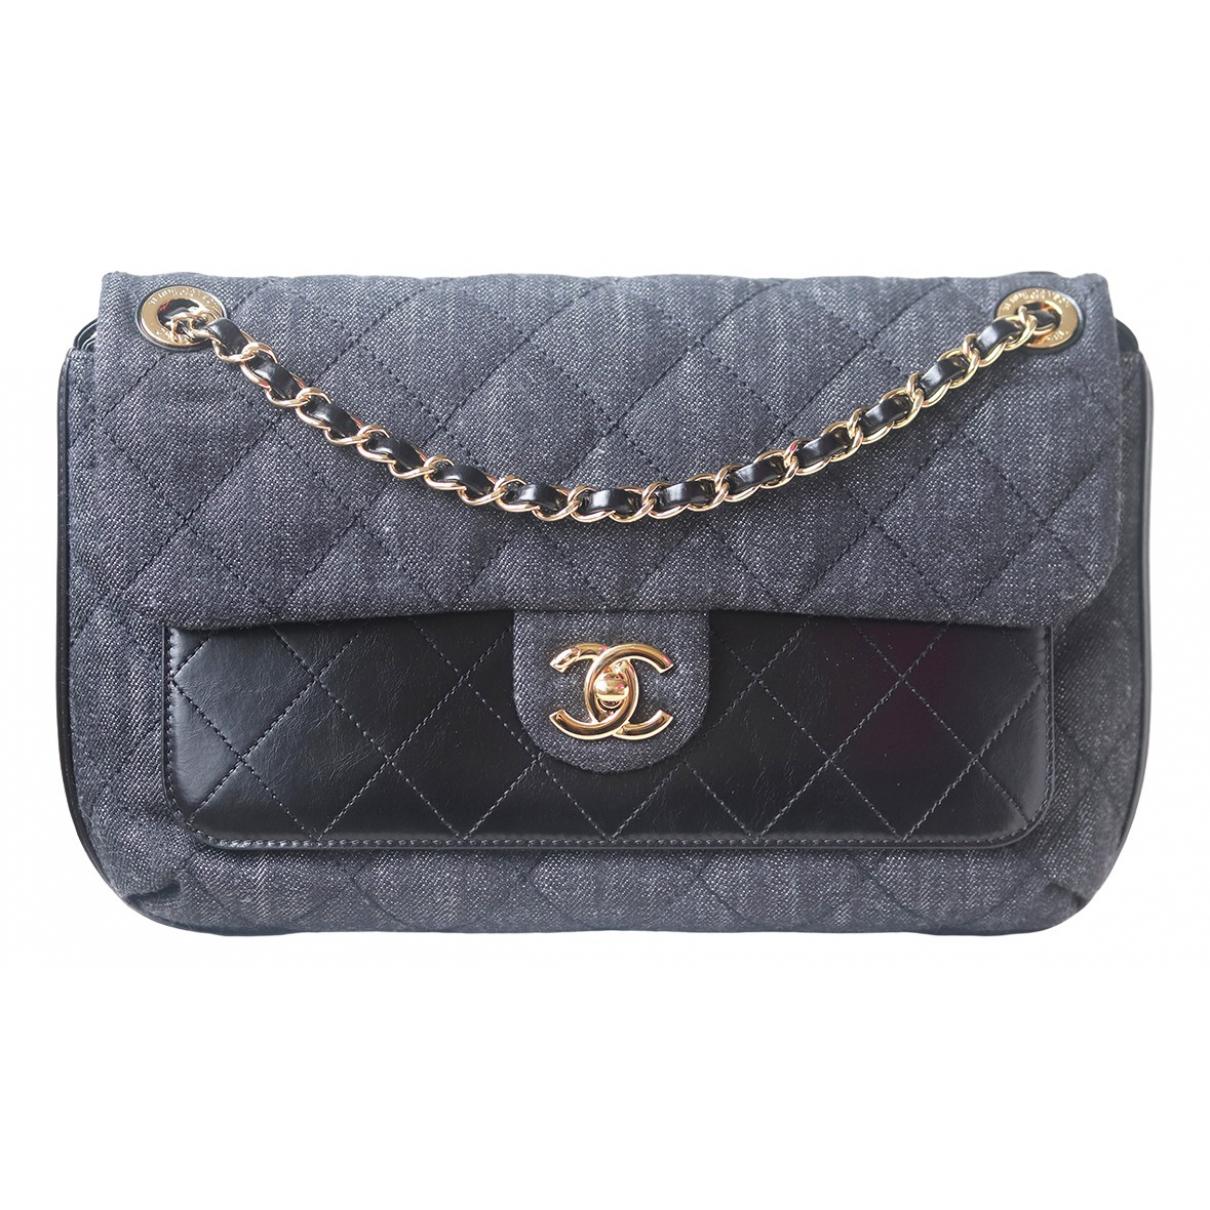 Chanel \N Handtasche in  Schwarz Denim - Jeans